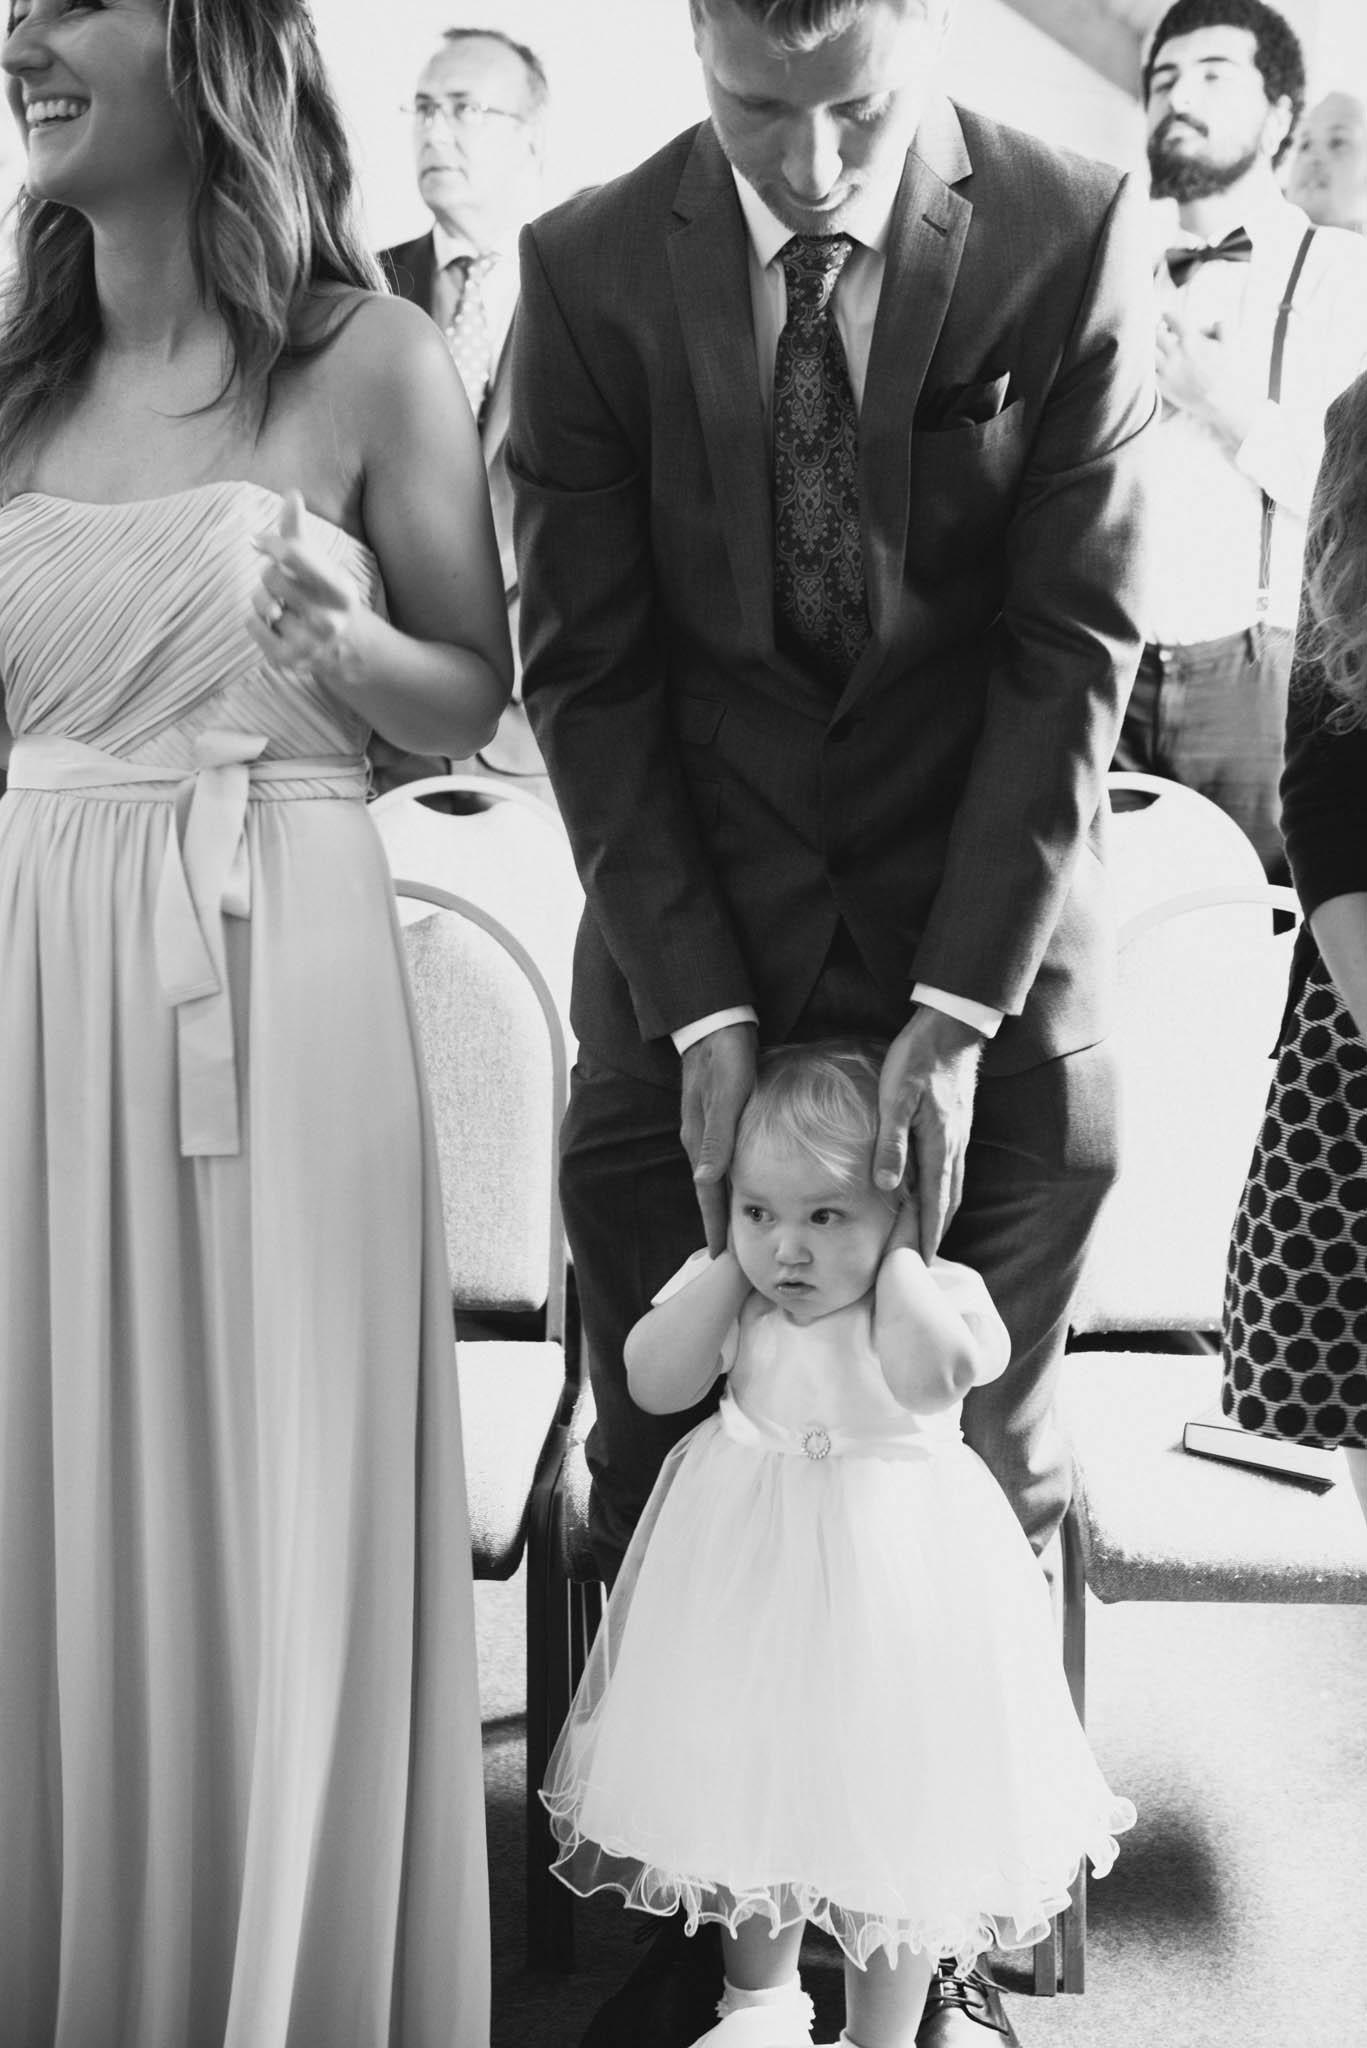 ears-wedding-blog-scott-stockwell-photography-end-2017.jpg